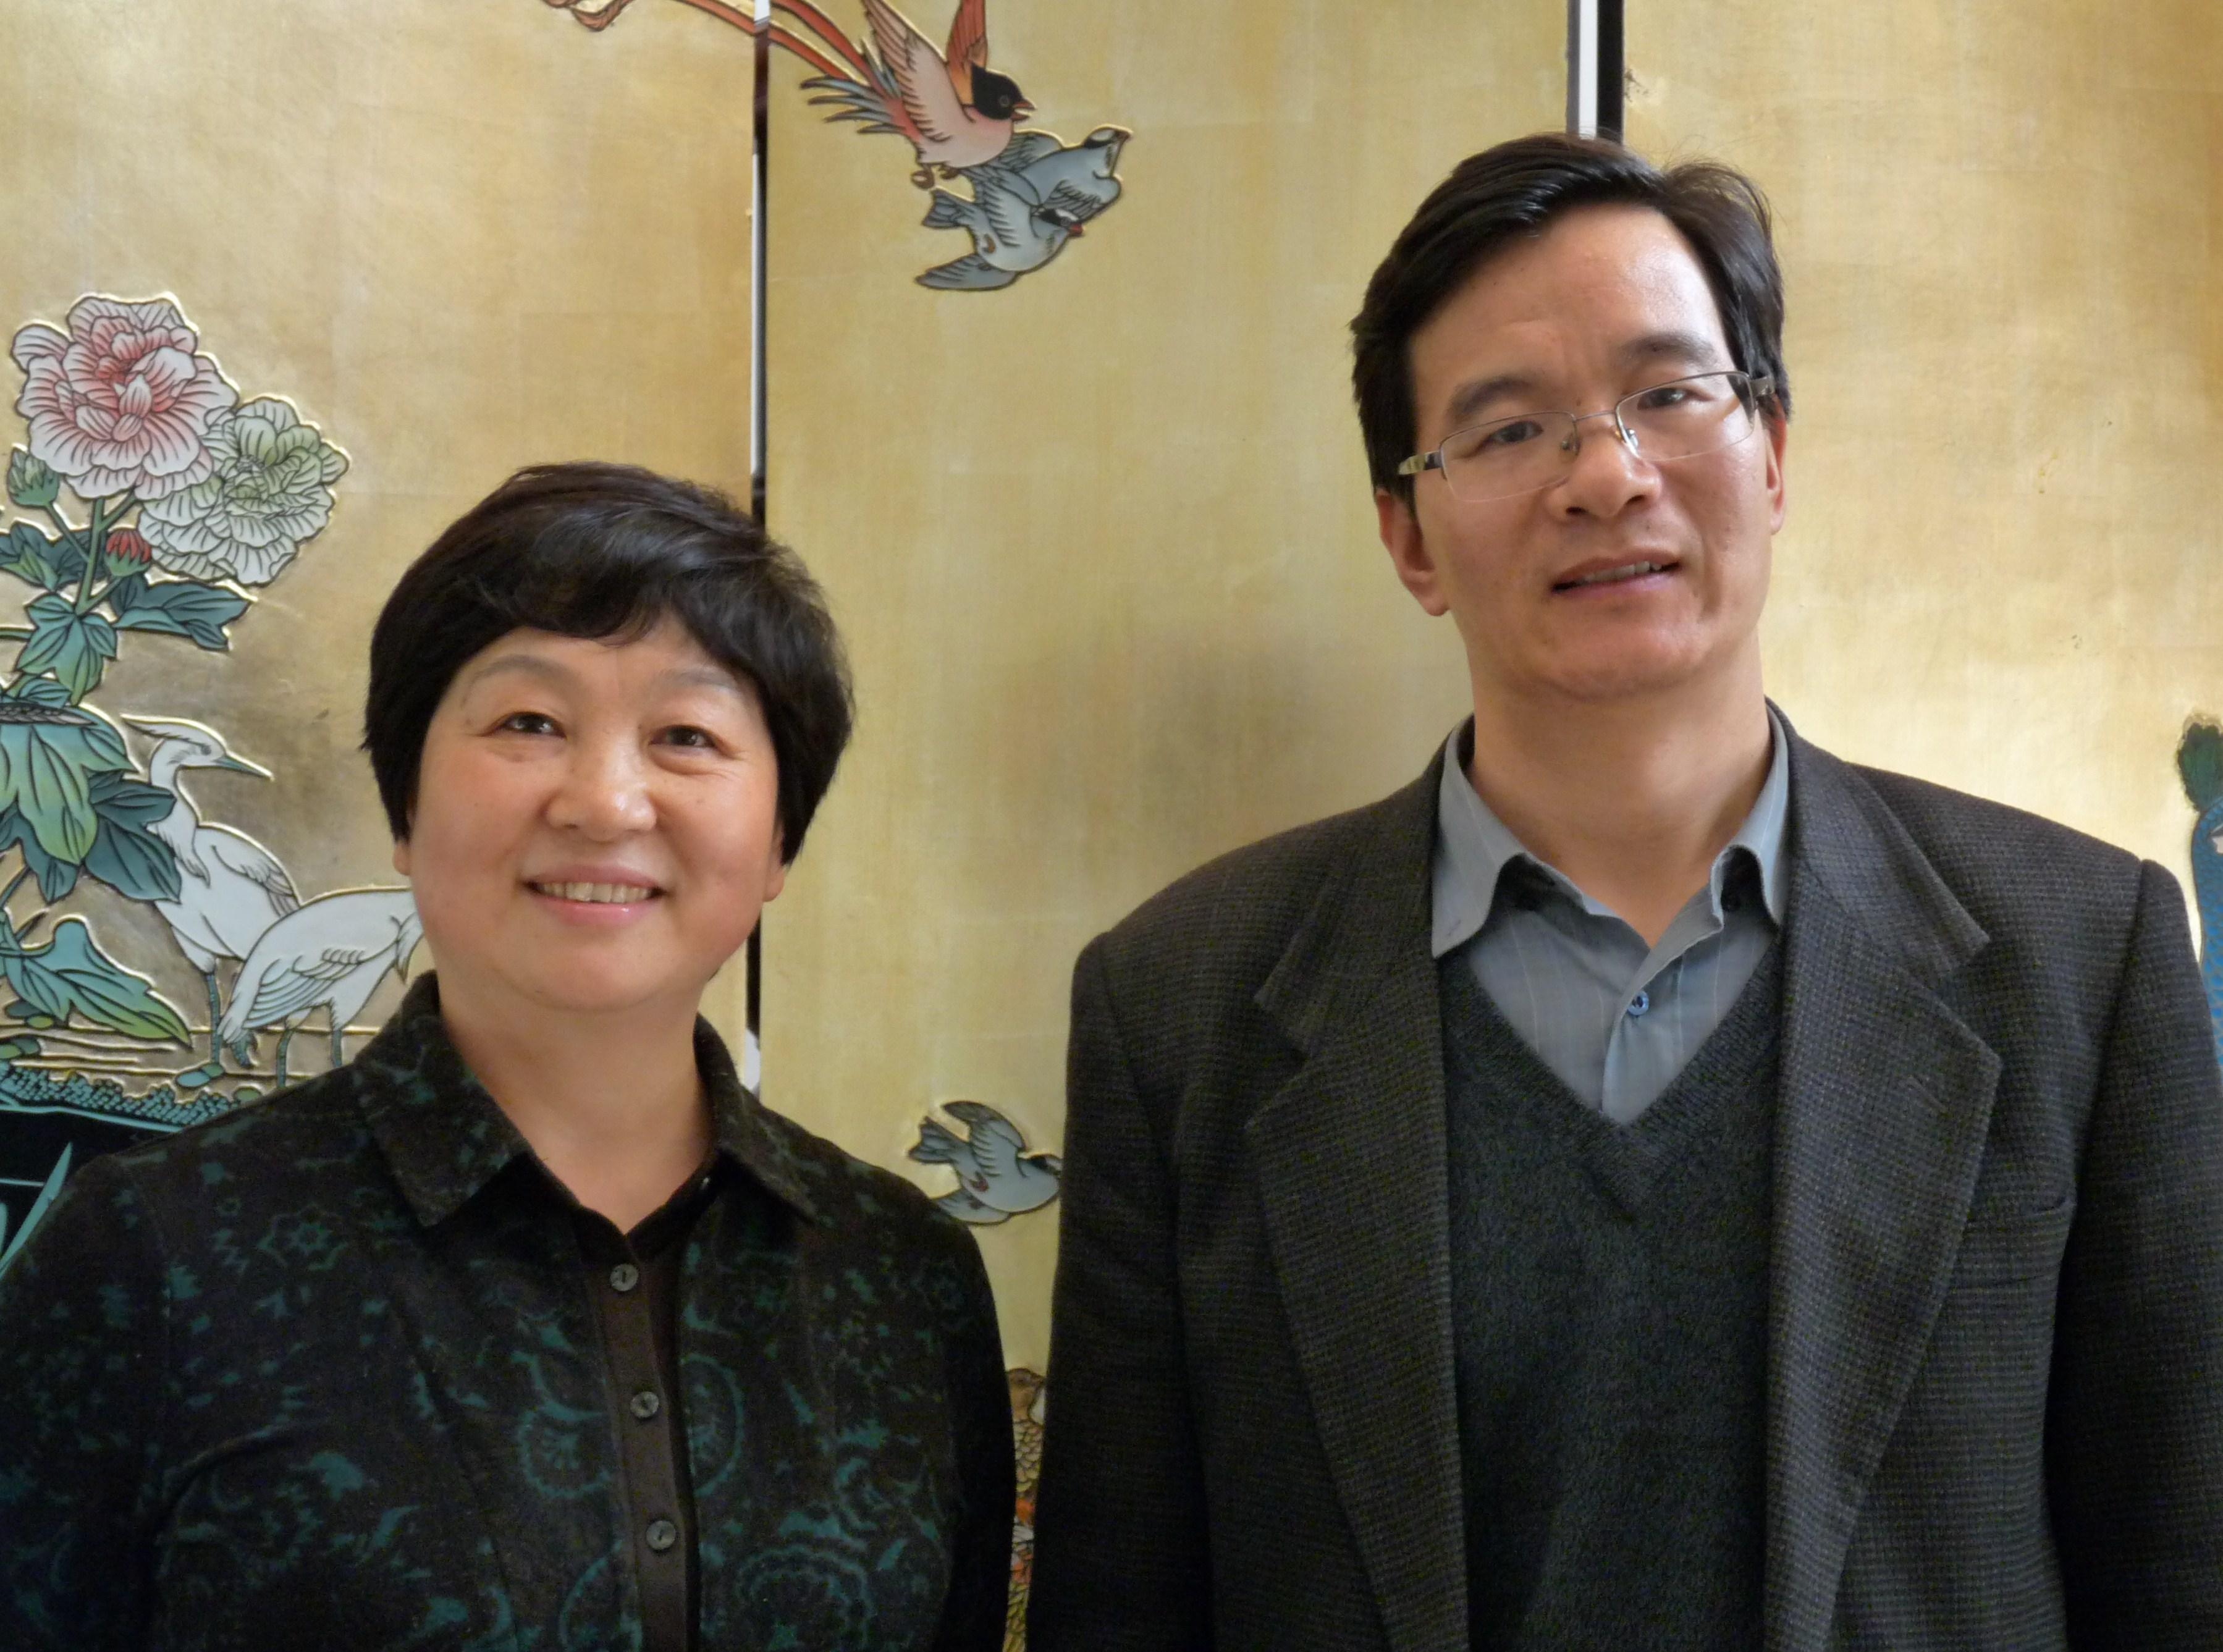 Qiu Guangling u Shi Qidong.JPG